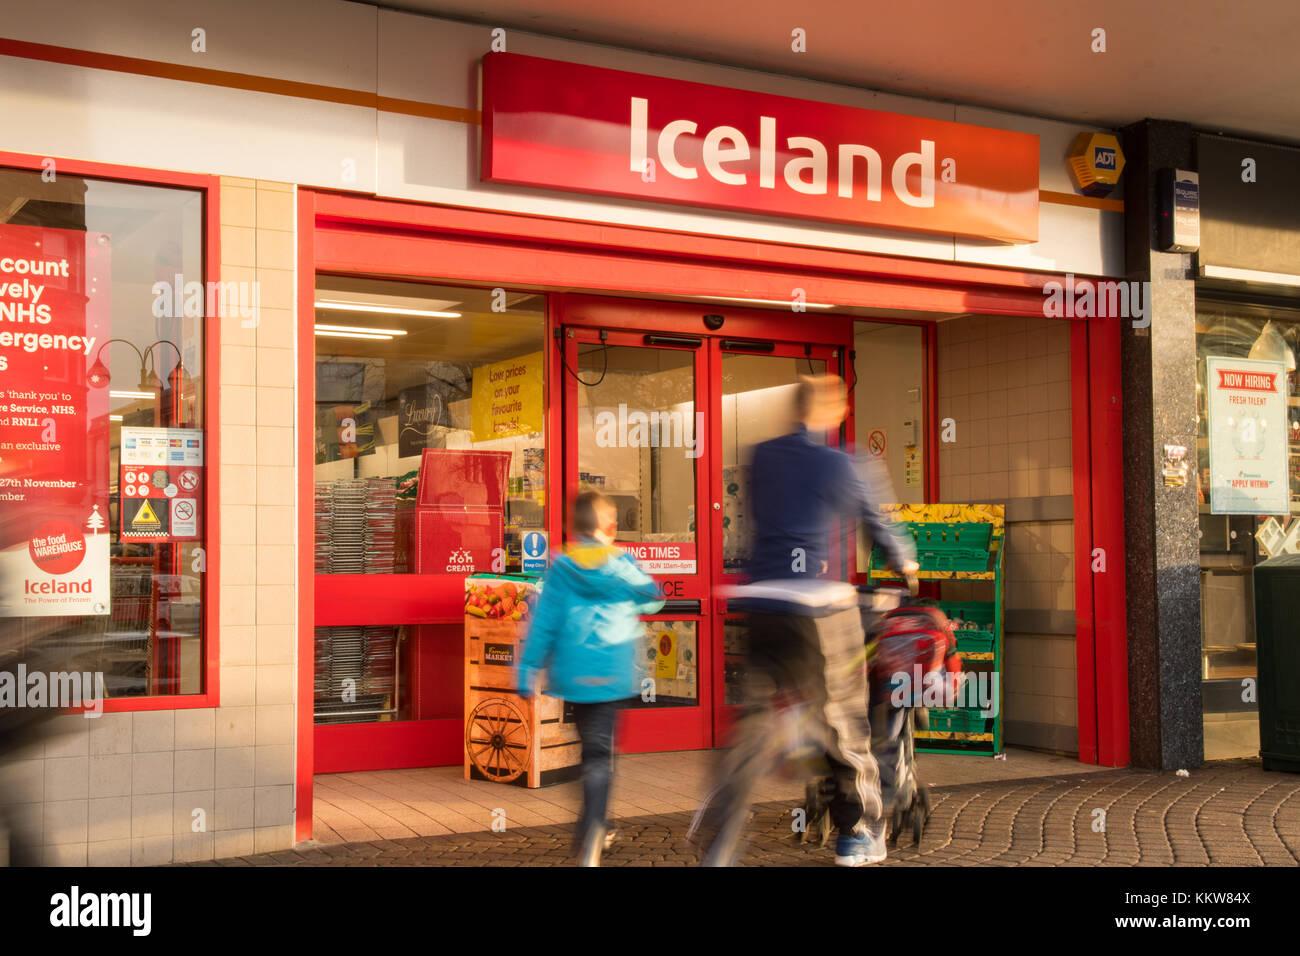 Islanda alimenti storefront shop - REGNO UNITO Immagini Stock